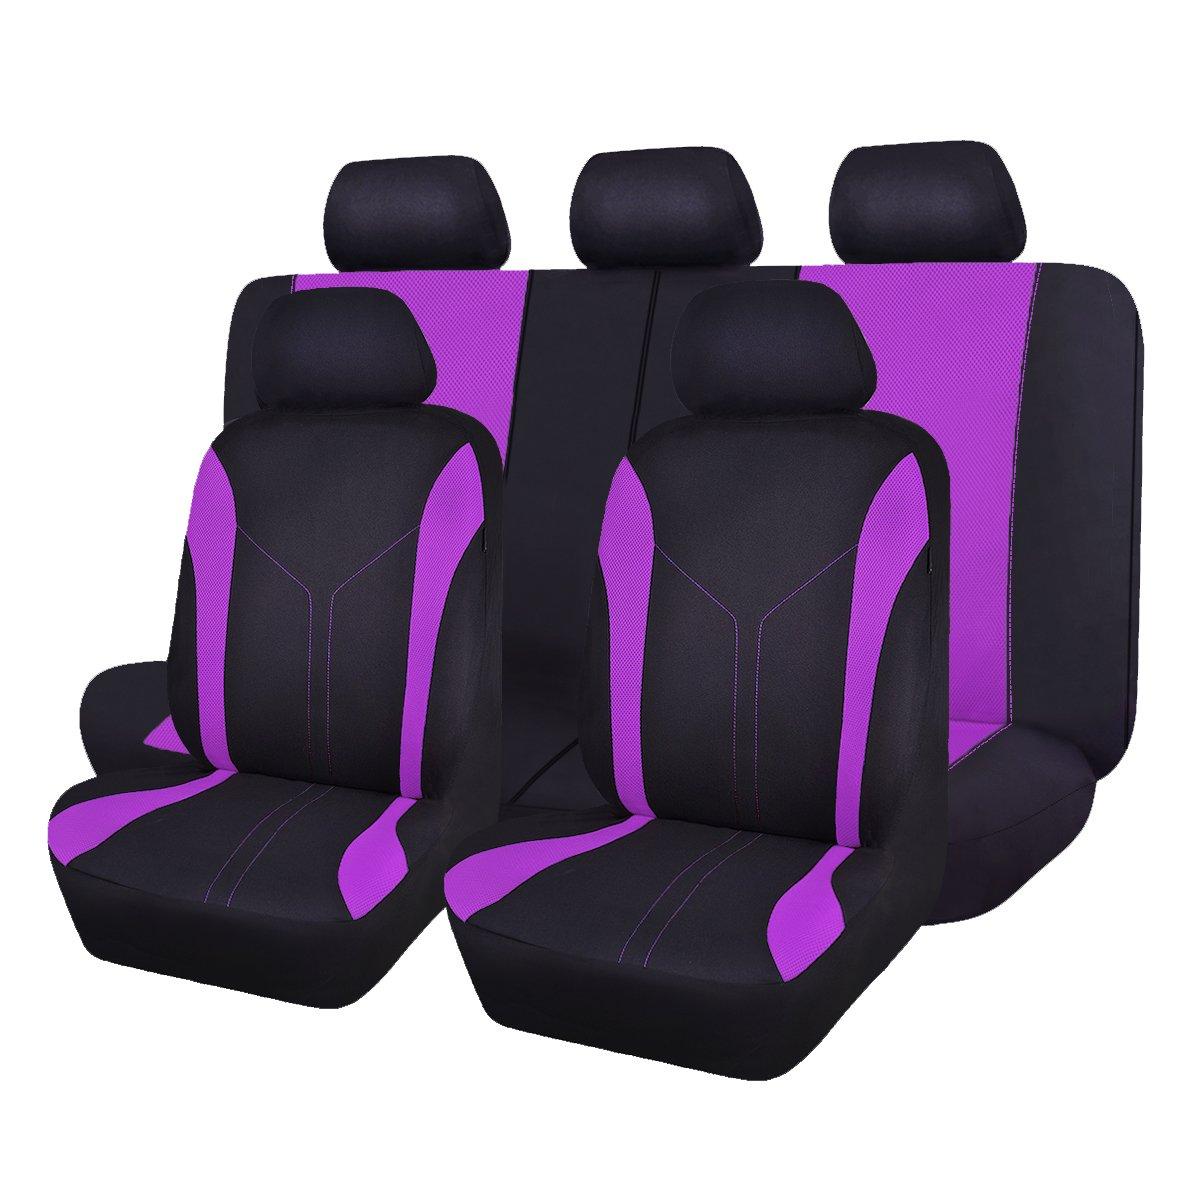 Flying banner 6 pezzi moda maglia universale Fit progettato set coprisedili per auto